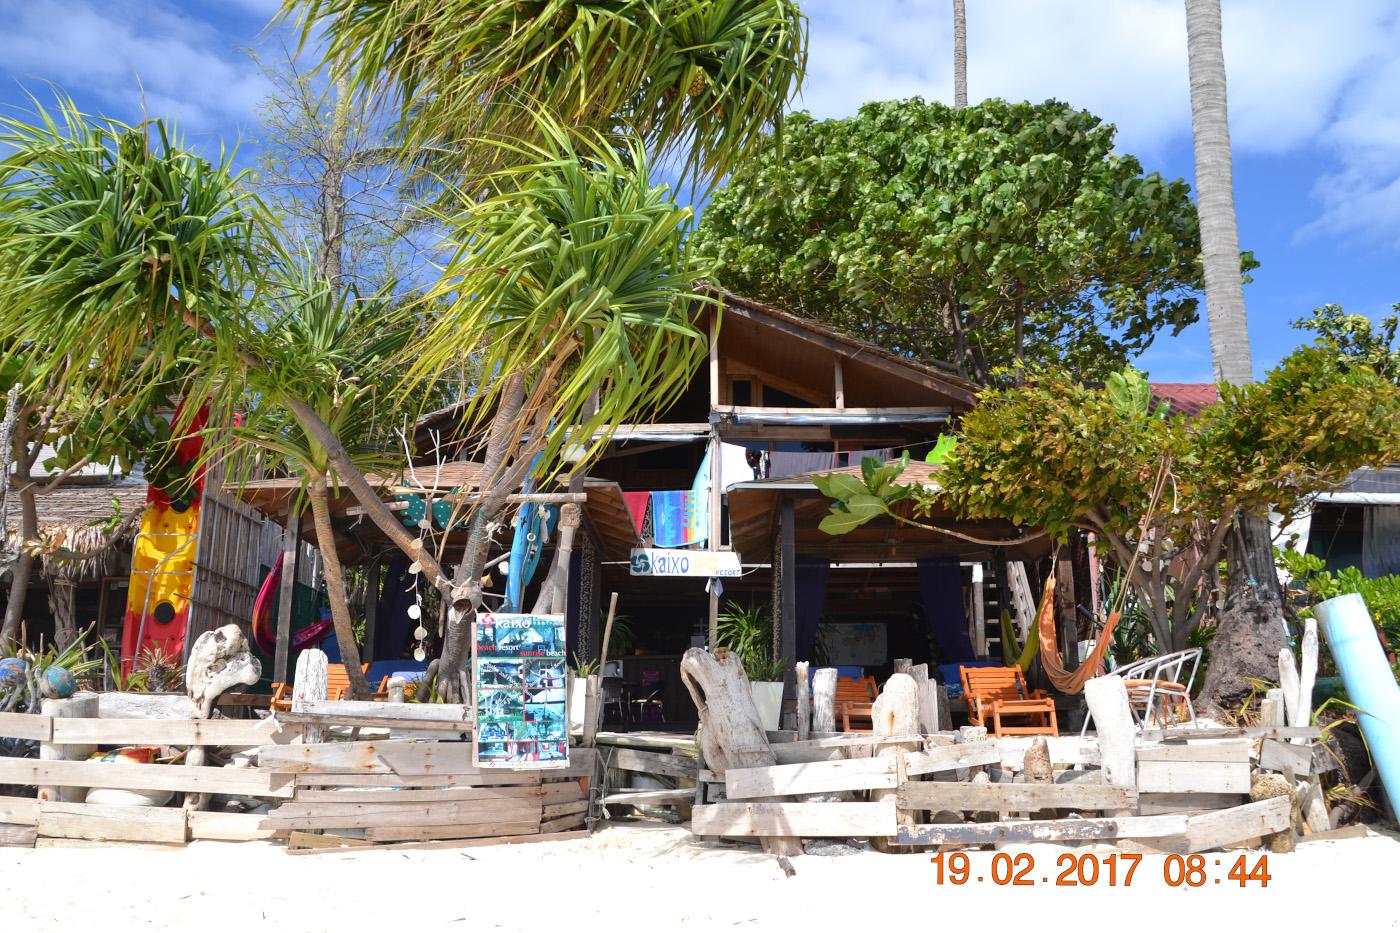 Фотография 17. Ослепительный отдых на острове Ко Липе в Таиланде. Выбираем жильё. 1/320, 9.0, 100, 55.